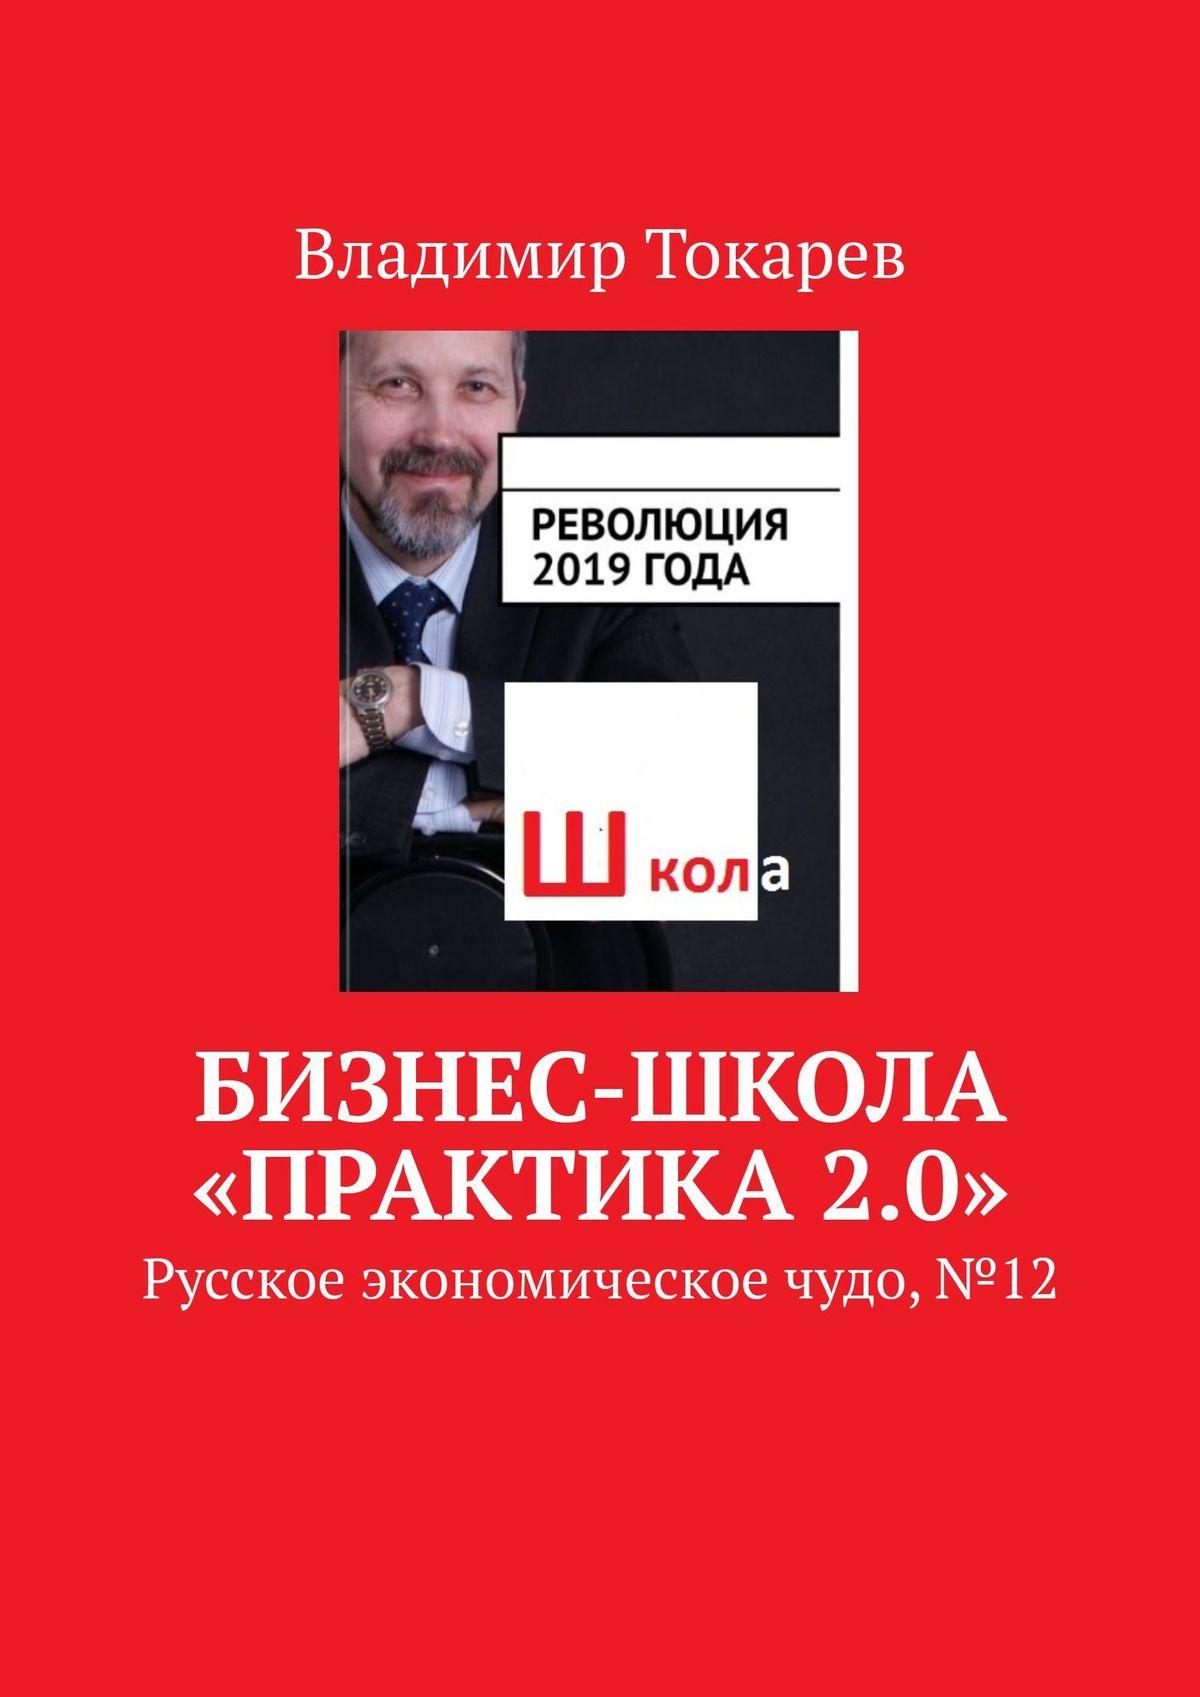 Бизнес-школа «Практика2.0». Русское экономическое чудо, № 12